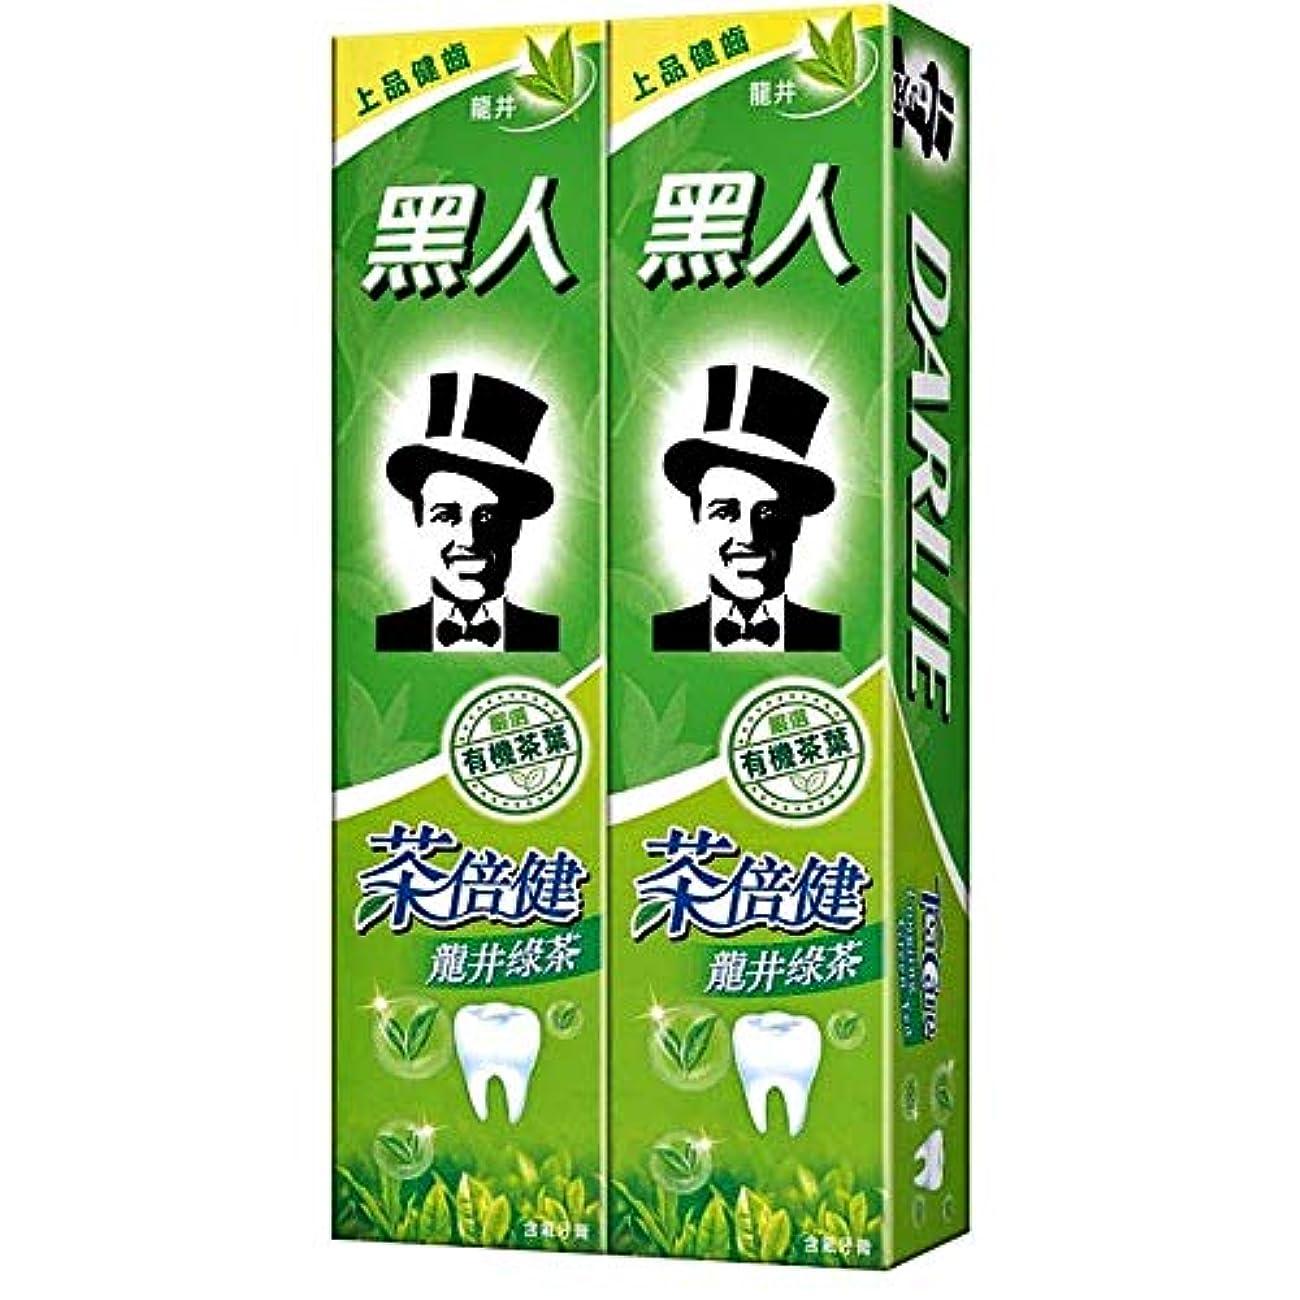 コインランドリーしばしば苦しむ黑人 茶倍健 龍井緑茶 緑茶成分歯磨き粉配合160g×2 [並行輸入品]